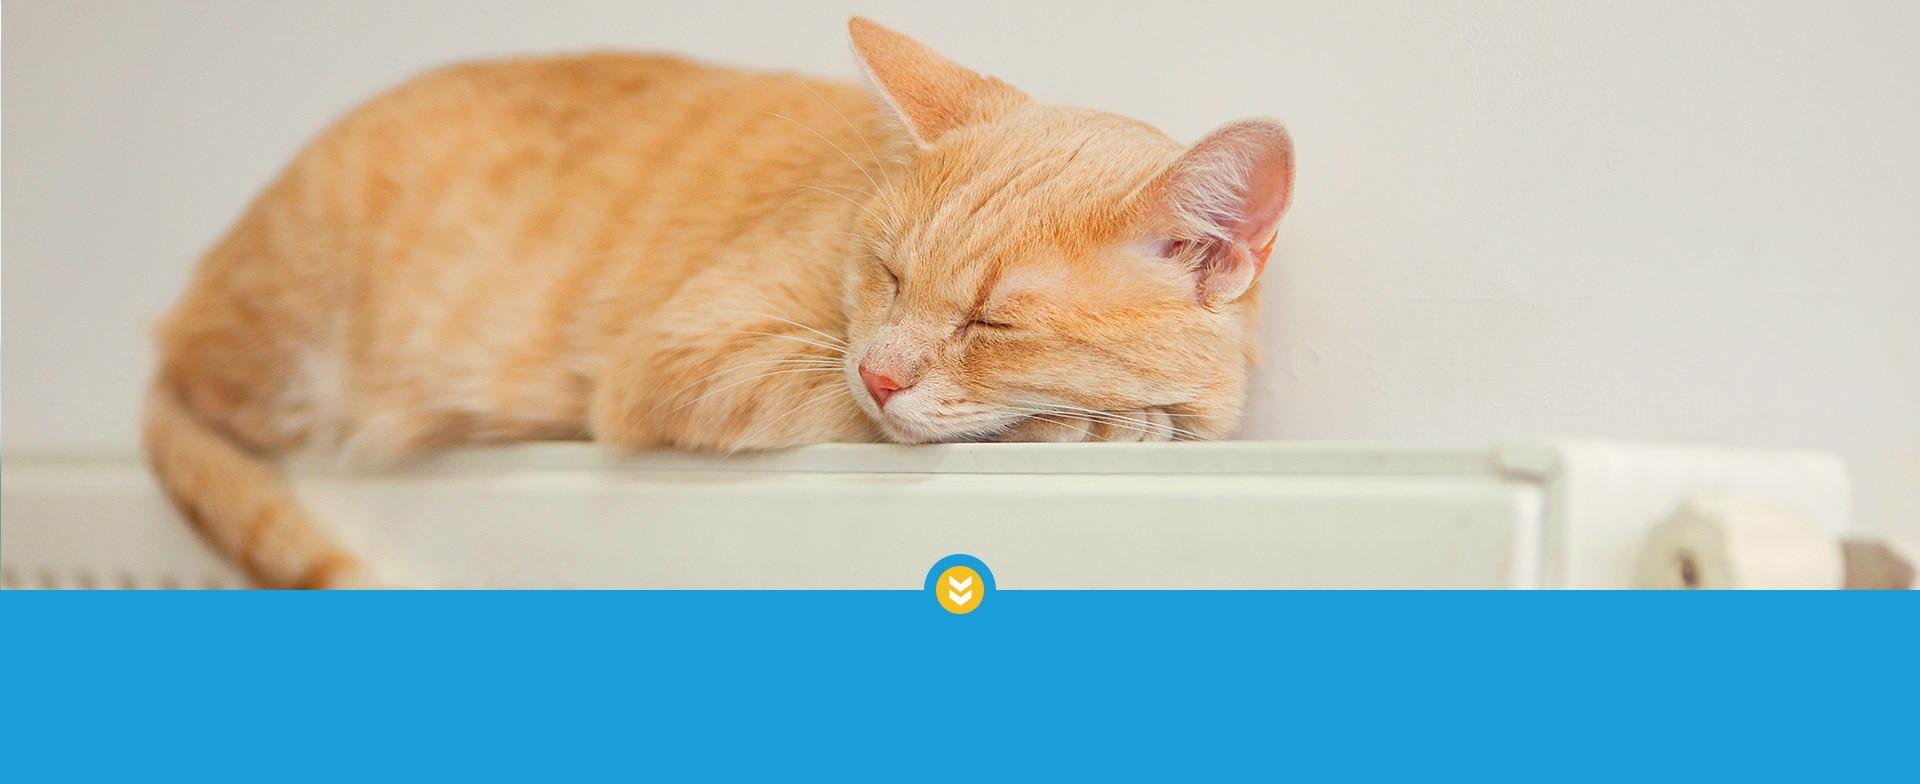 Bild: Kater schläft auf Heizung - wir beraten, planen und realisieren Ihre Heizung.